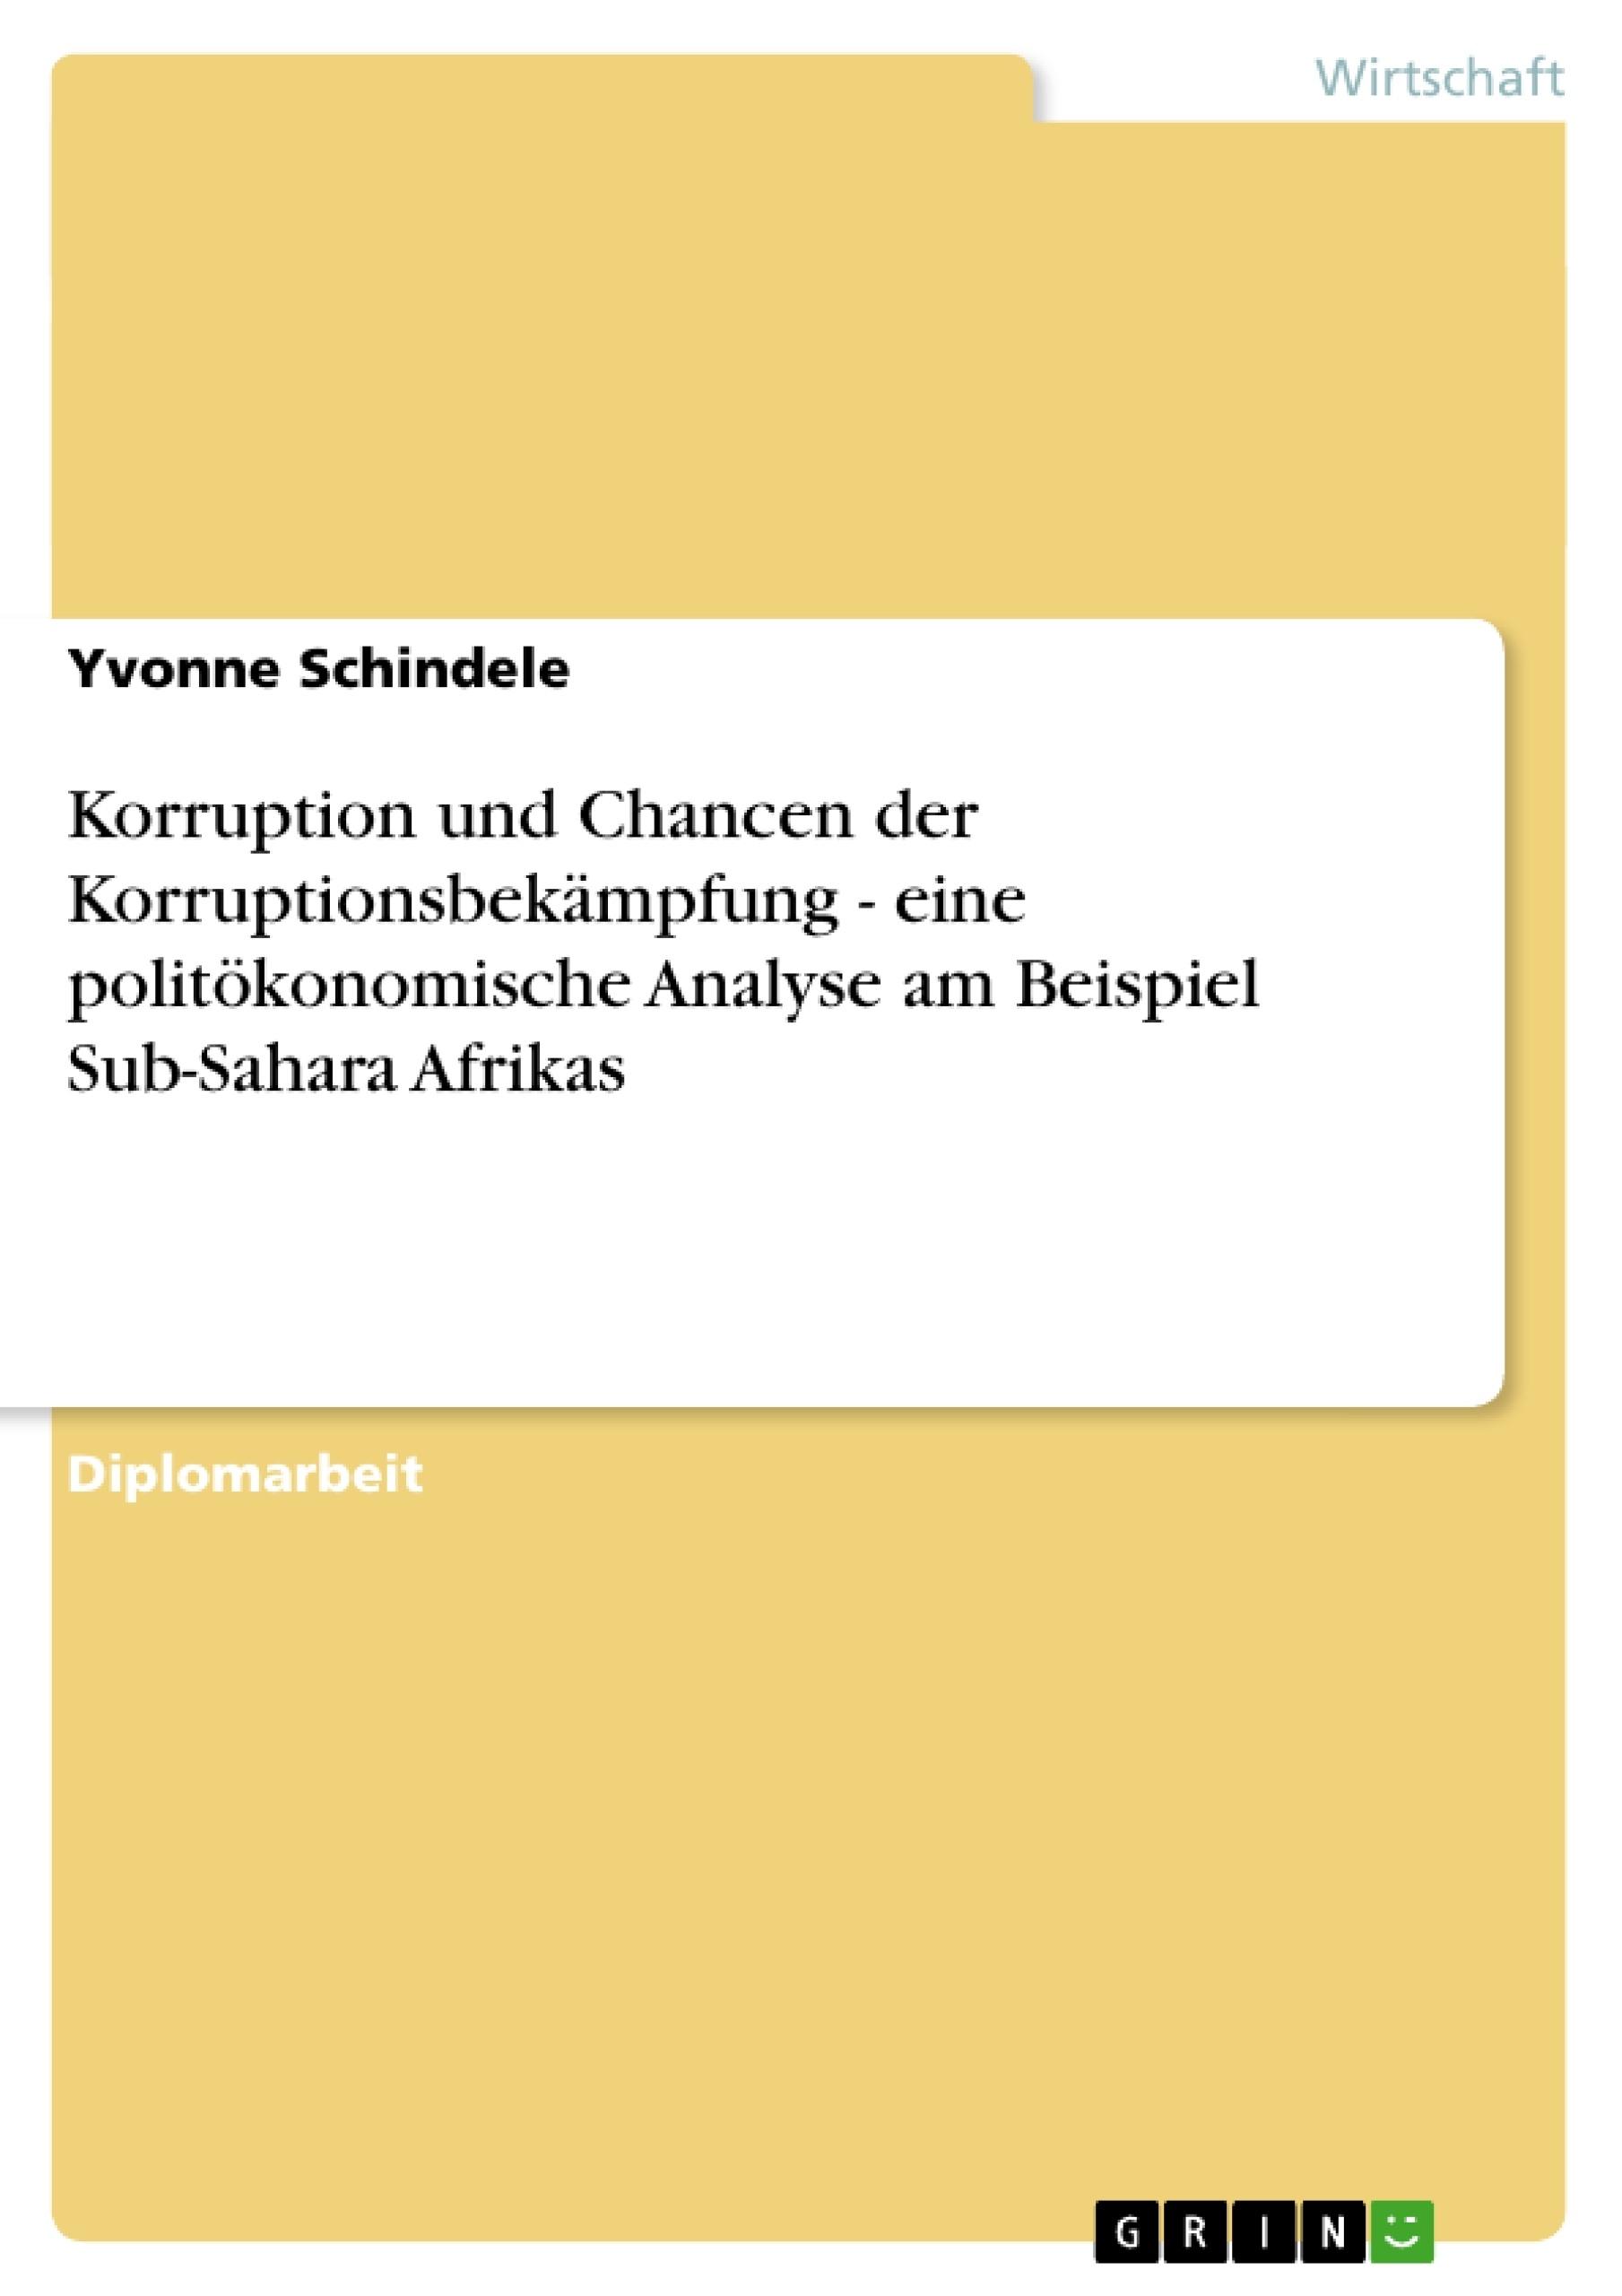 Titel: Korruption und Chancen der Korruptionsbekämpfung - eine politökonomische Analyse am Beispiel Sub-Sahara Afrikas